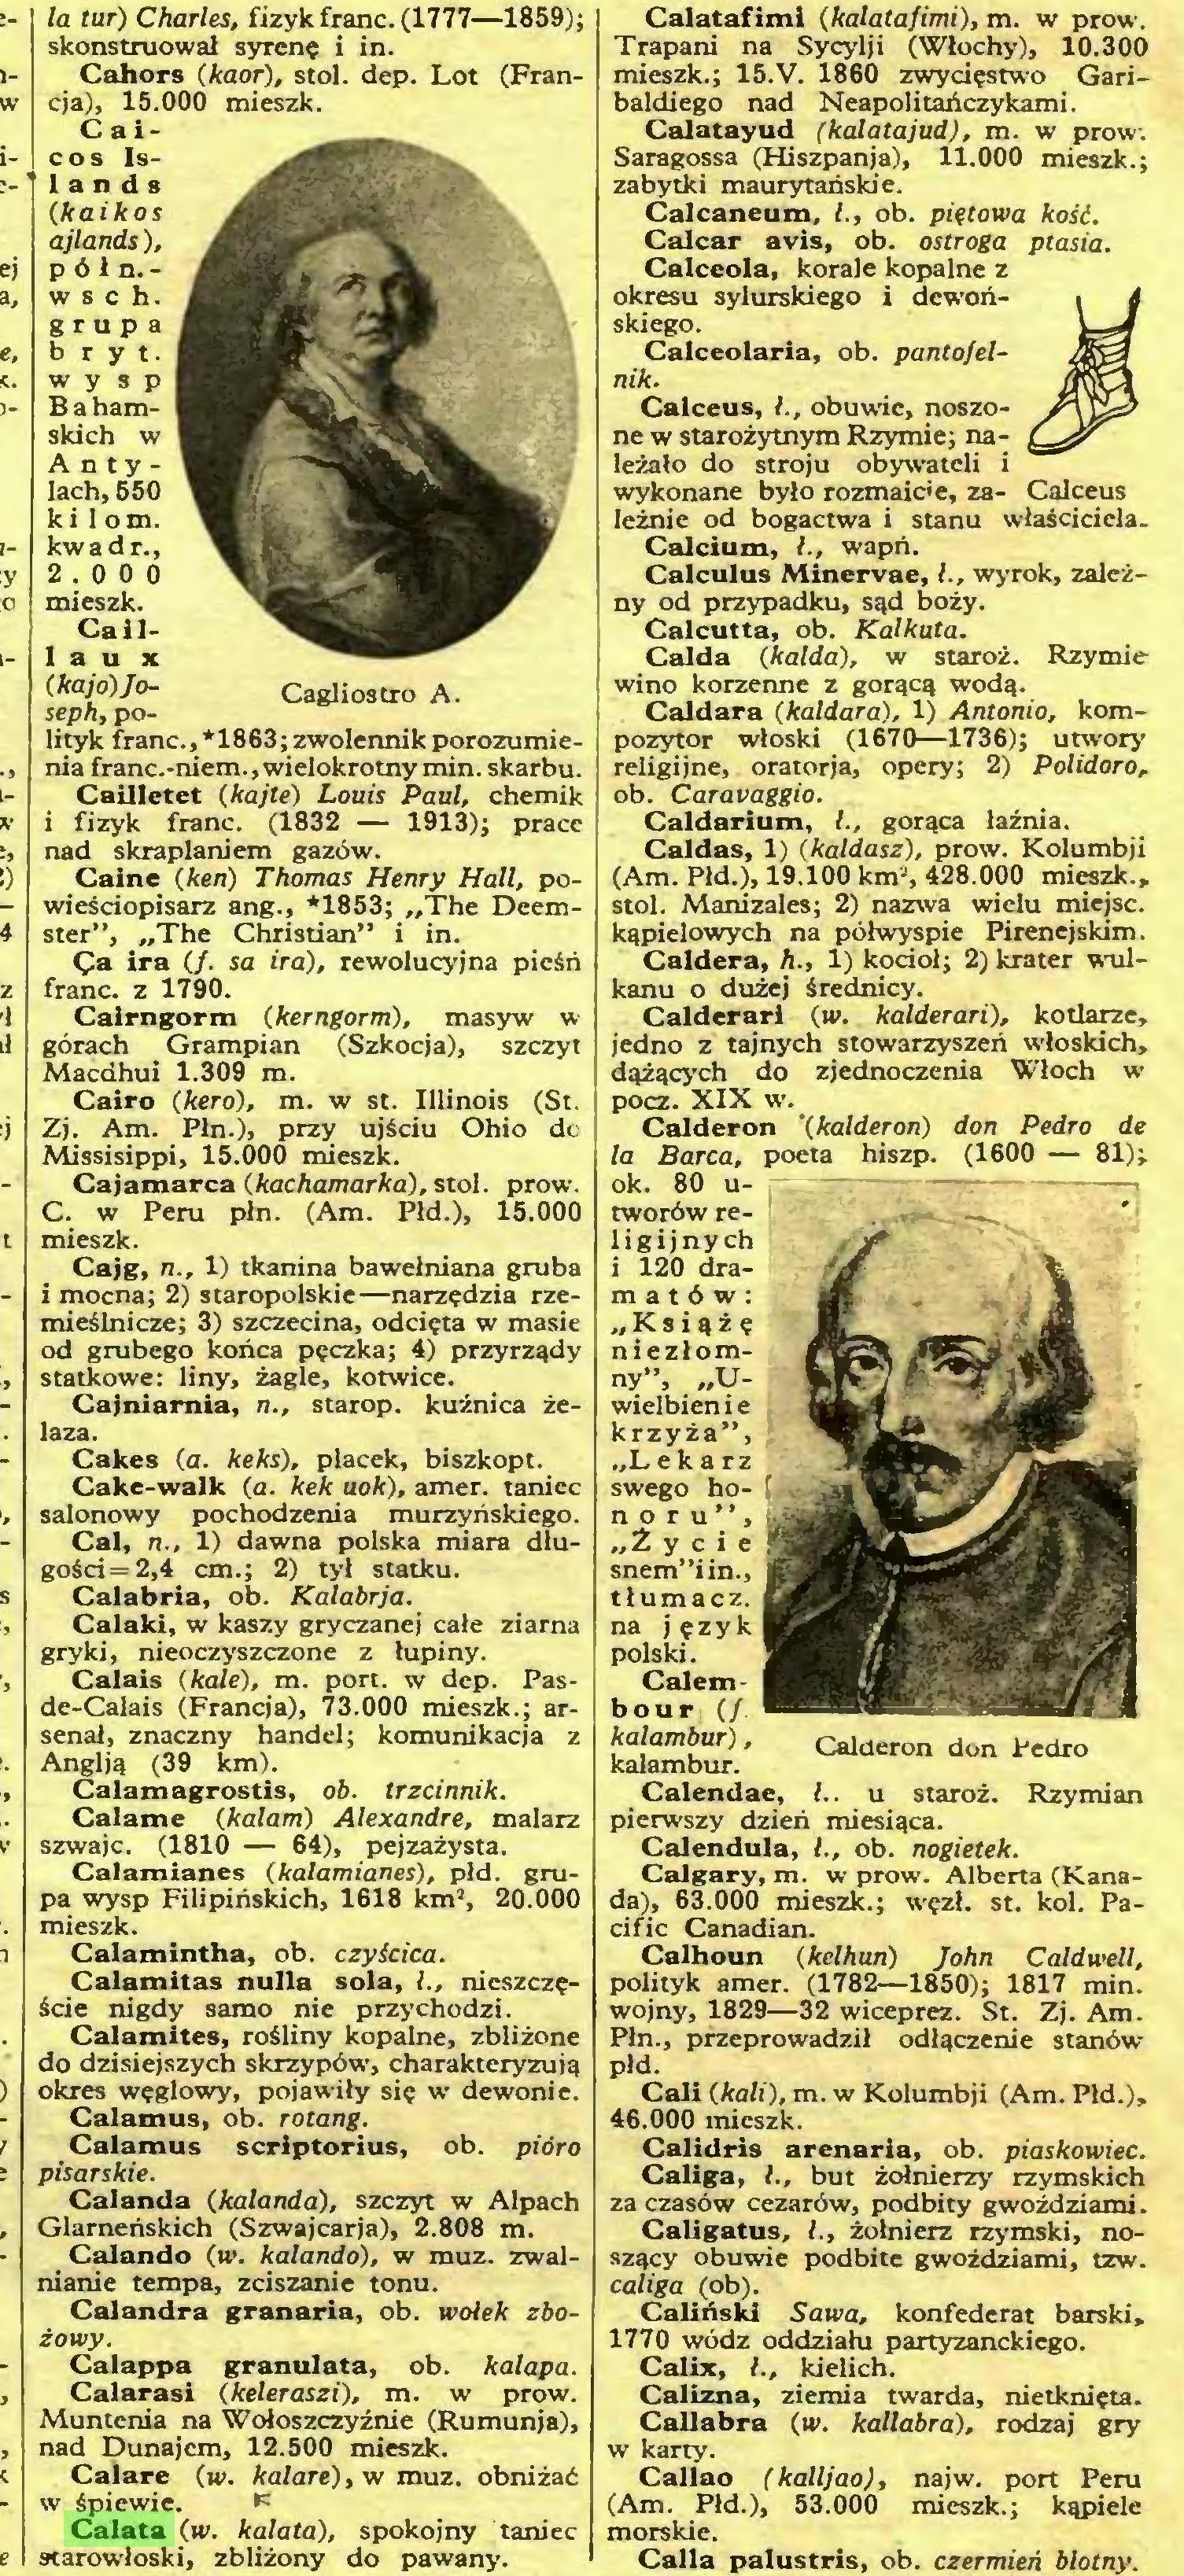 (...) Calare (w. kalare), w muz. obniżać w śpiewie. k Calata (w. kalała), spokojny taniec starowłoski, zbliżony do pawany. Calatafimi (kalatafimi), m. w prow...